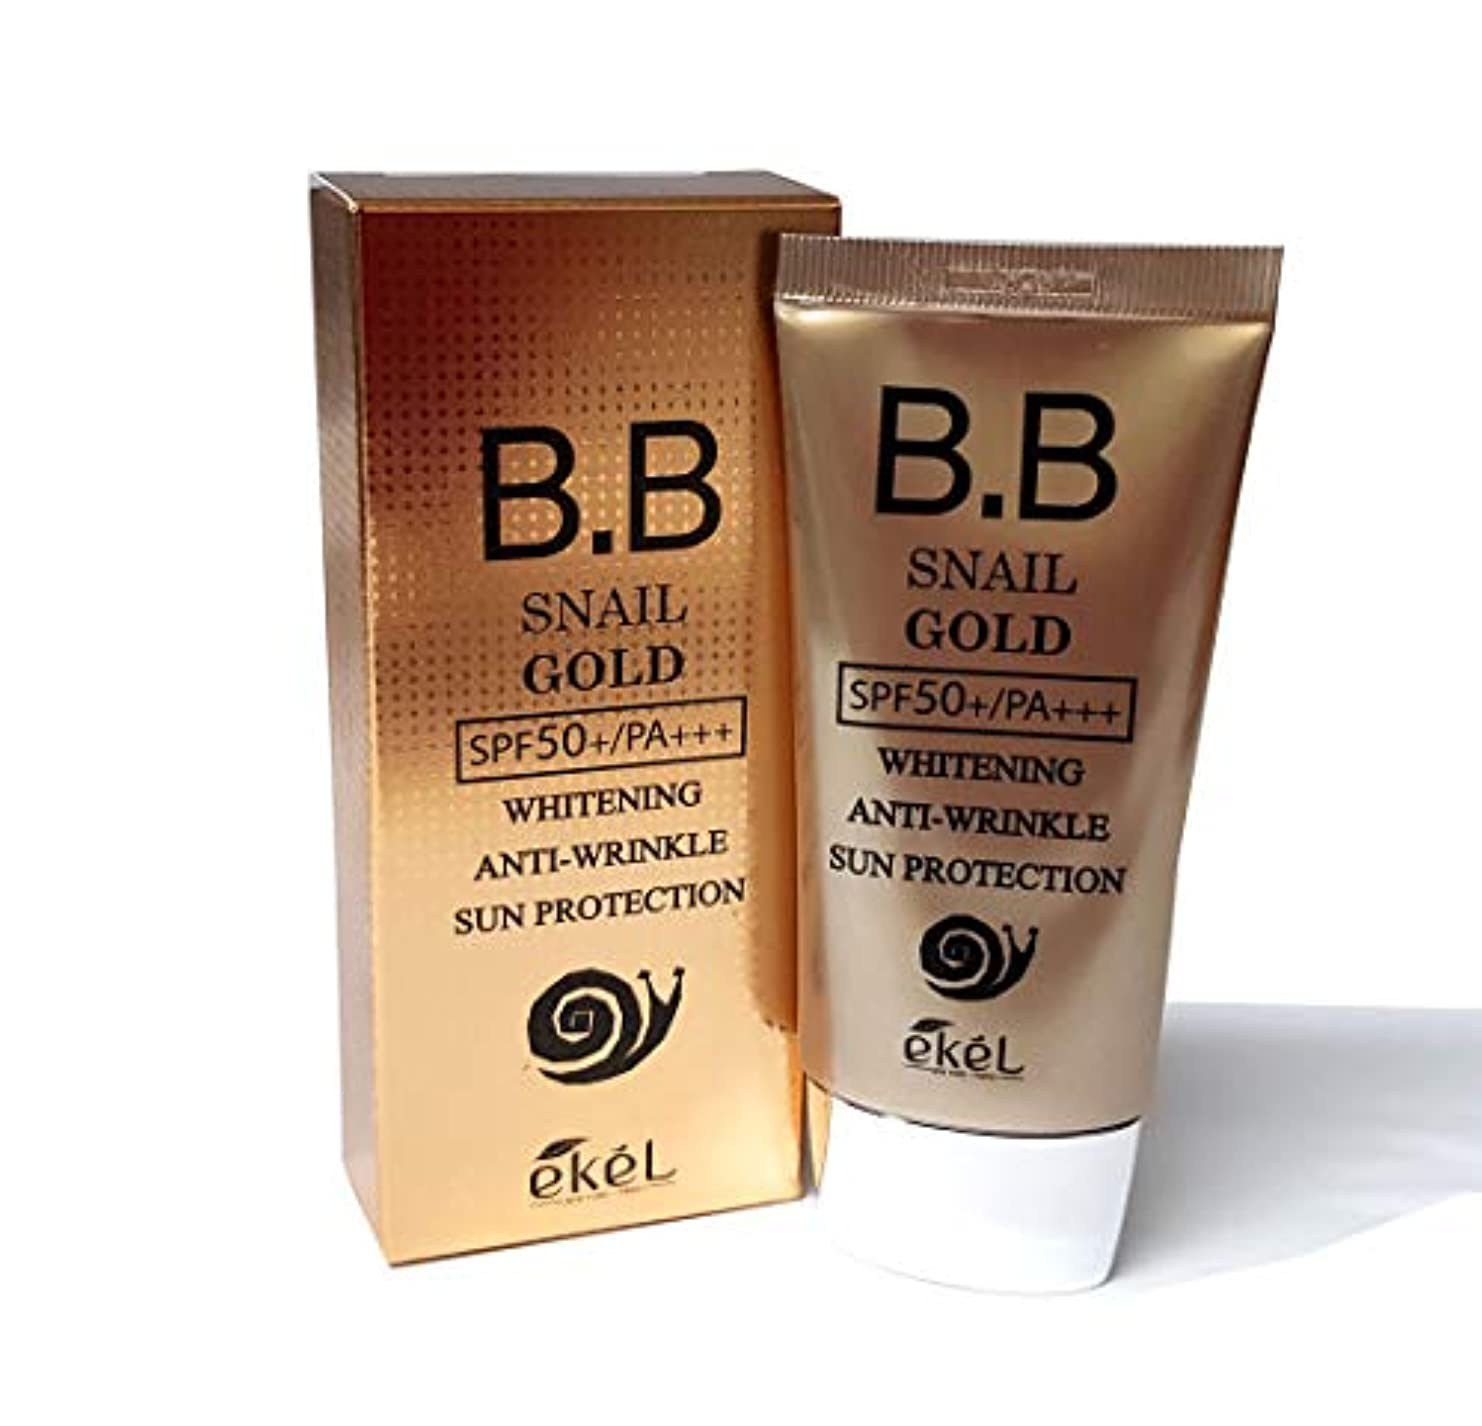 大きさ正規化貸す[Ekel] カタツムリゴールドBB 50ml SPF50 + PA +++ / Snail Gold BB 50ml SPF50+PA+++ /ホワイトニング、UVカット/Whitening,UV protection...